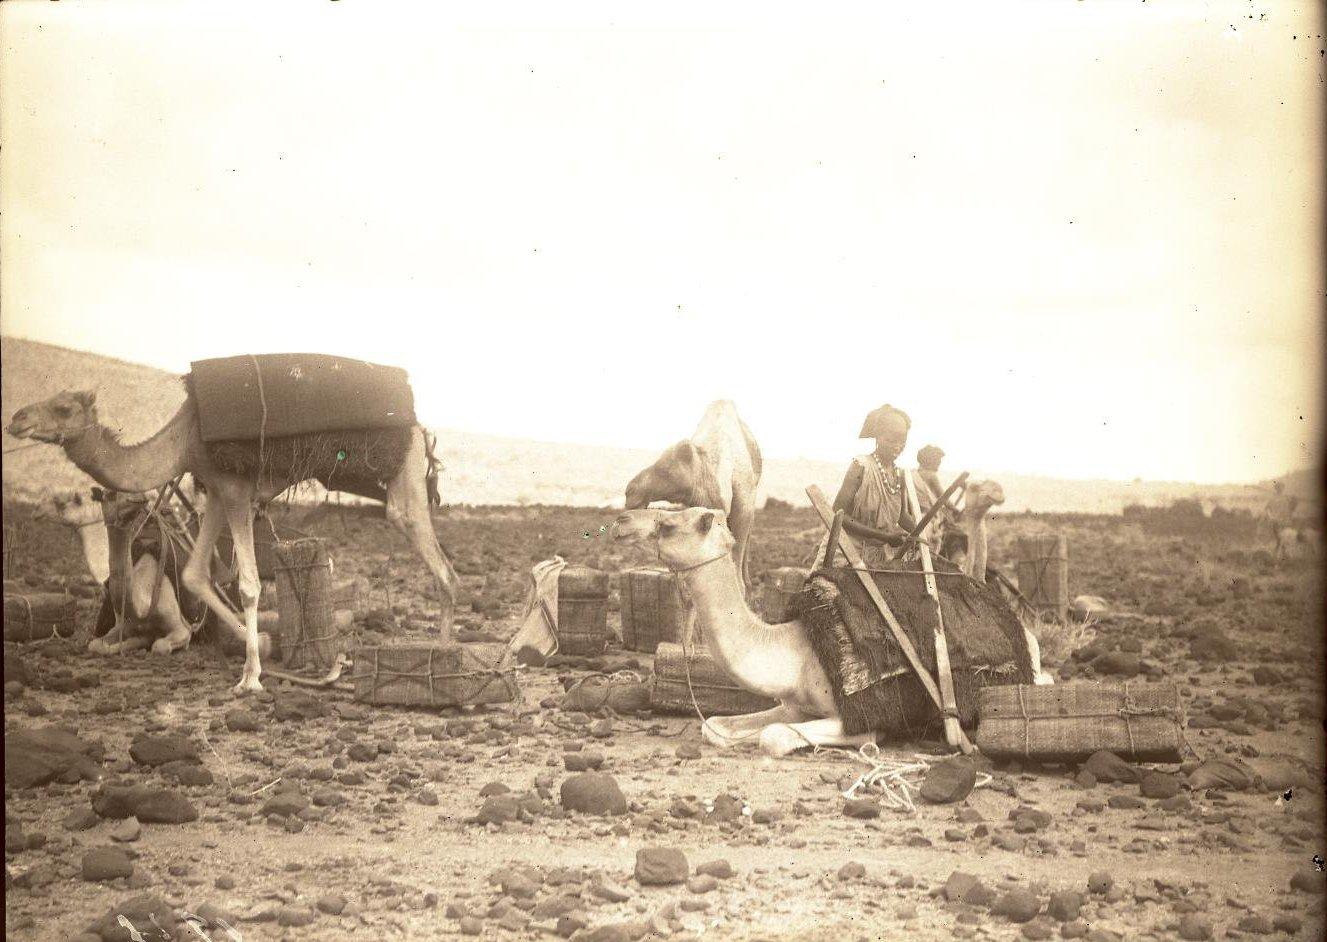 123. В сомалийской пустыне. Загрузка верлюдов